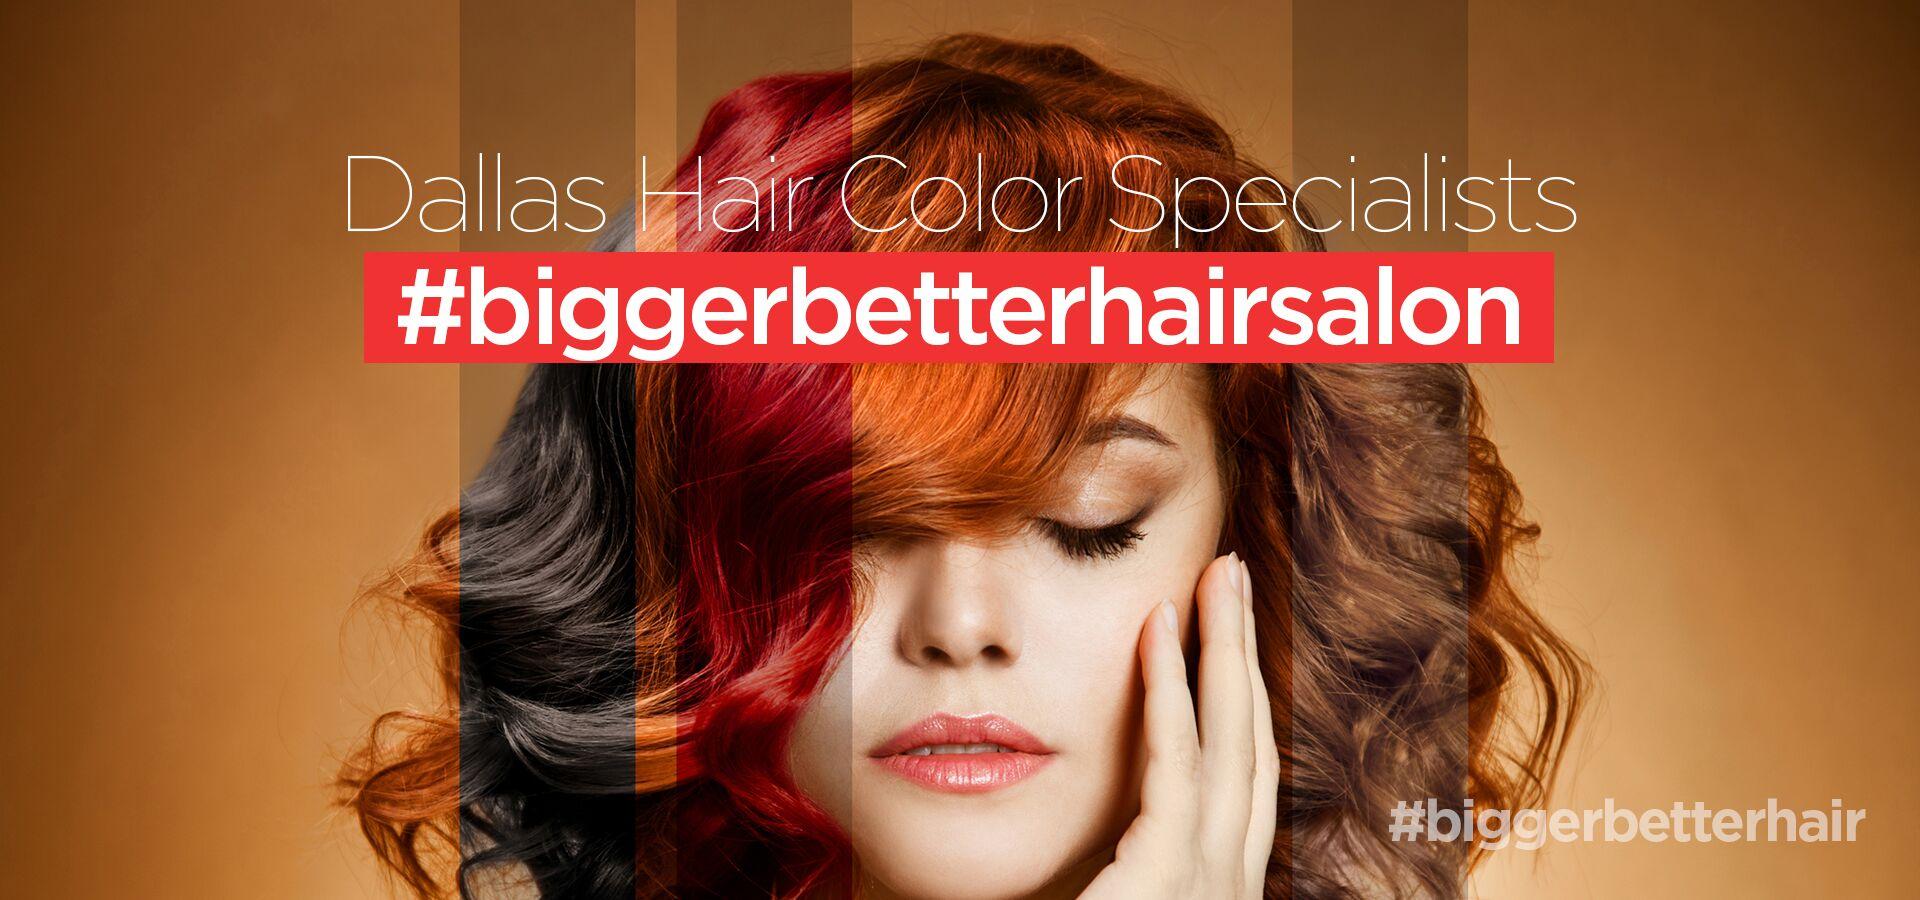 Dallas-Hair-Color-Specialists-1